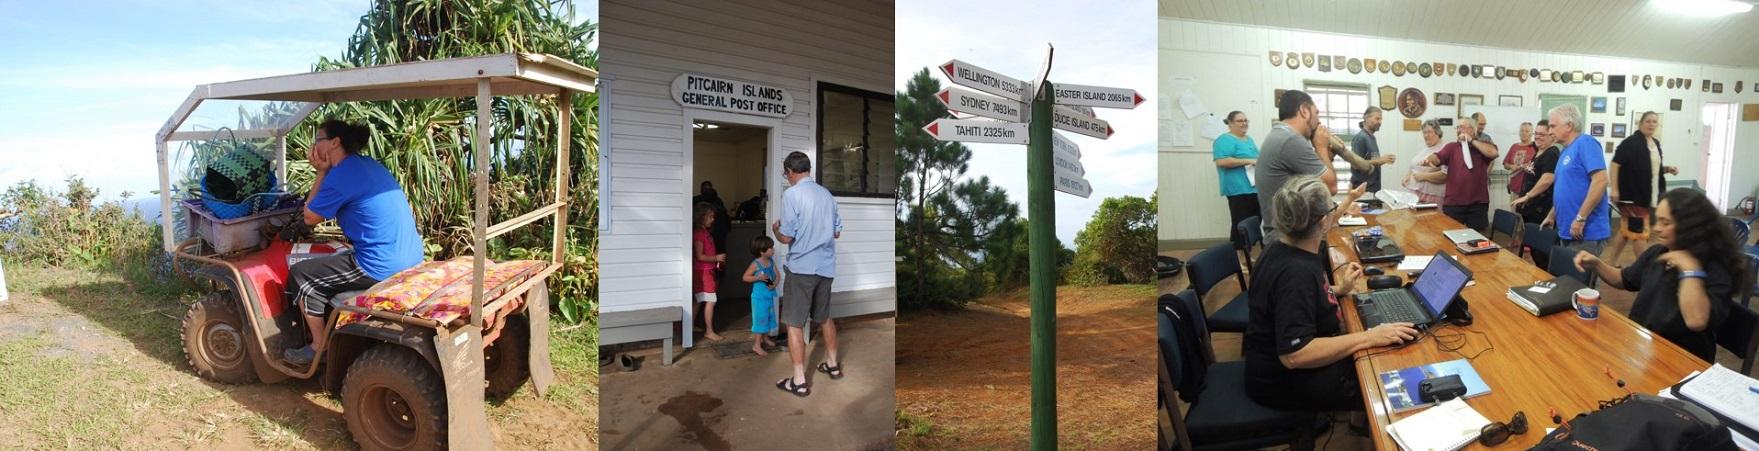 Pitcairn Site Initiative Des Territoires Pour La Gestion Regionale De L Environnement